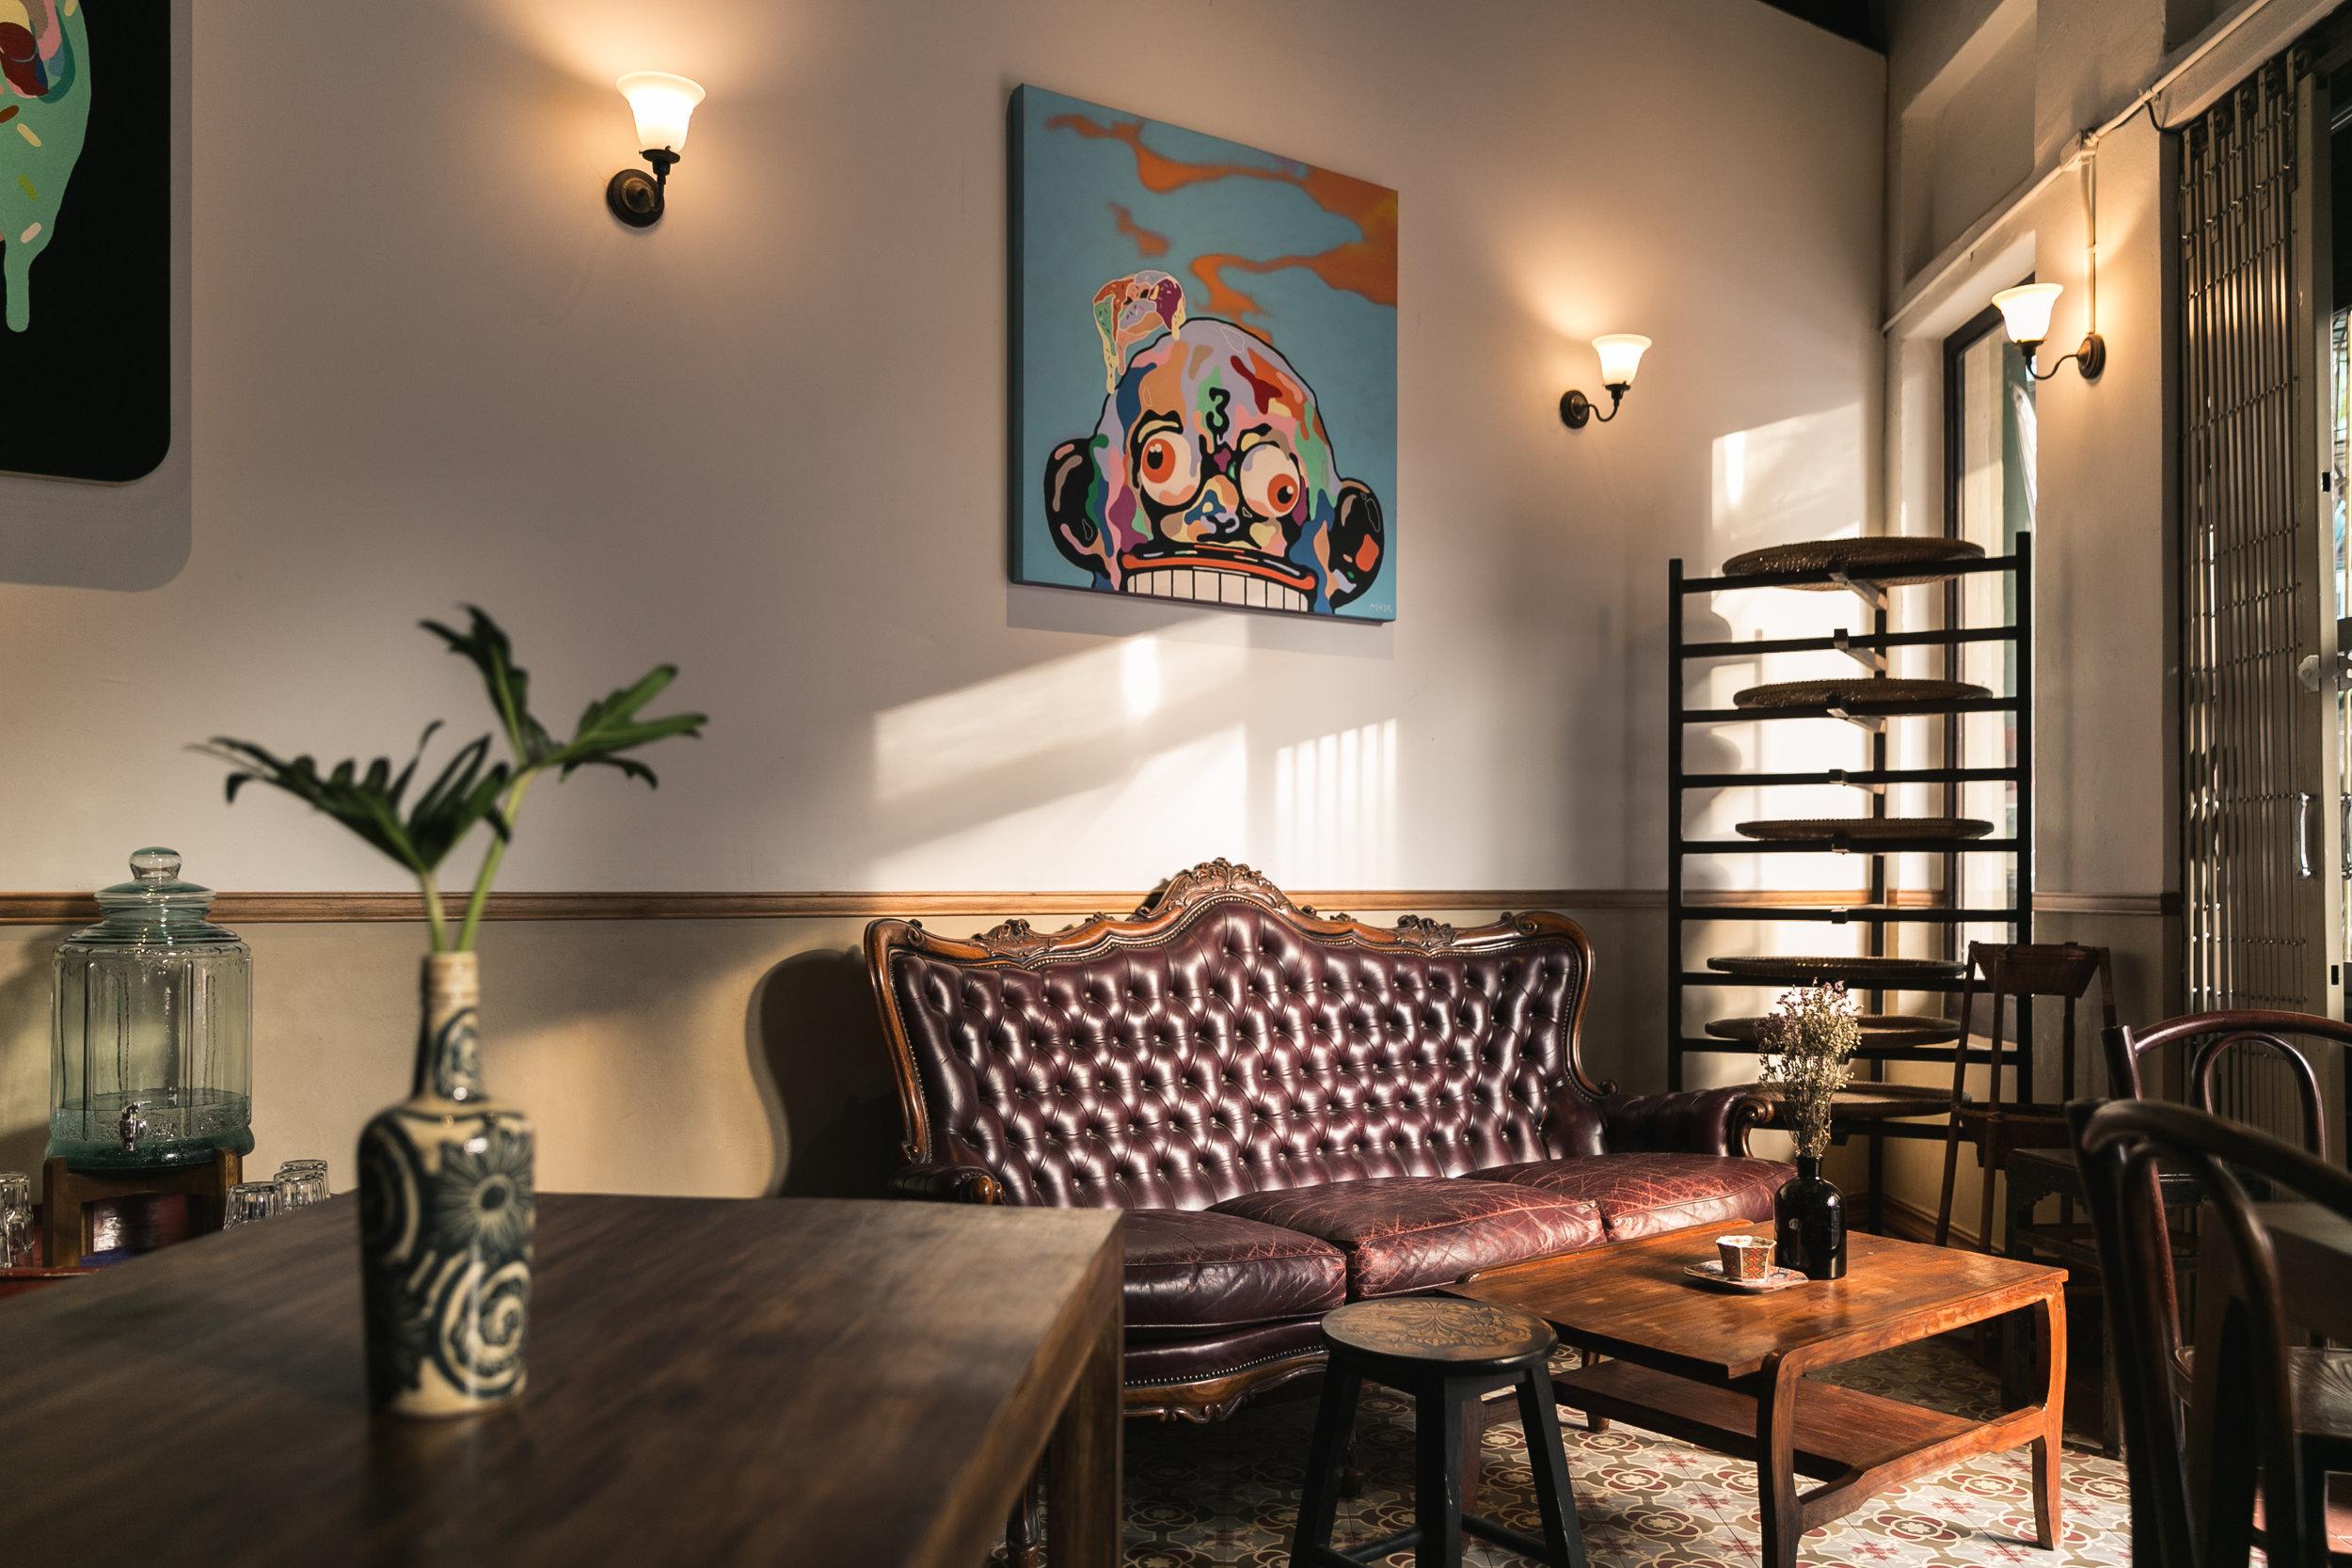 Cafe sofa art detail.jpg